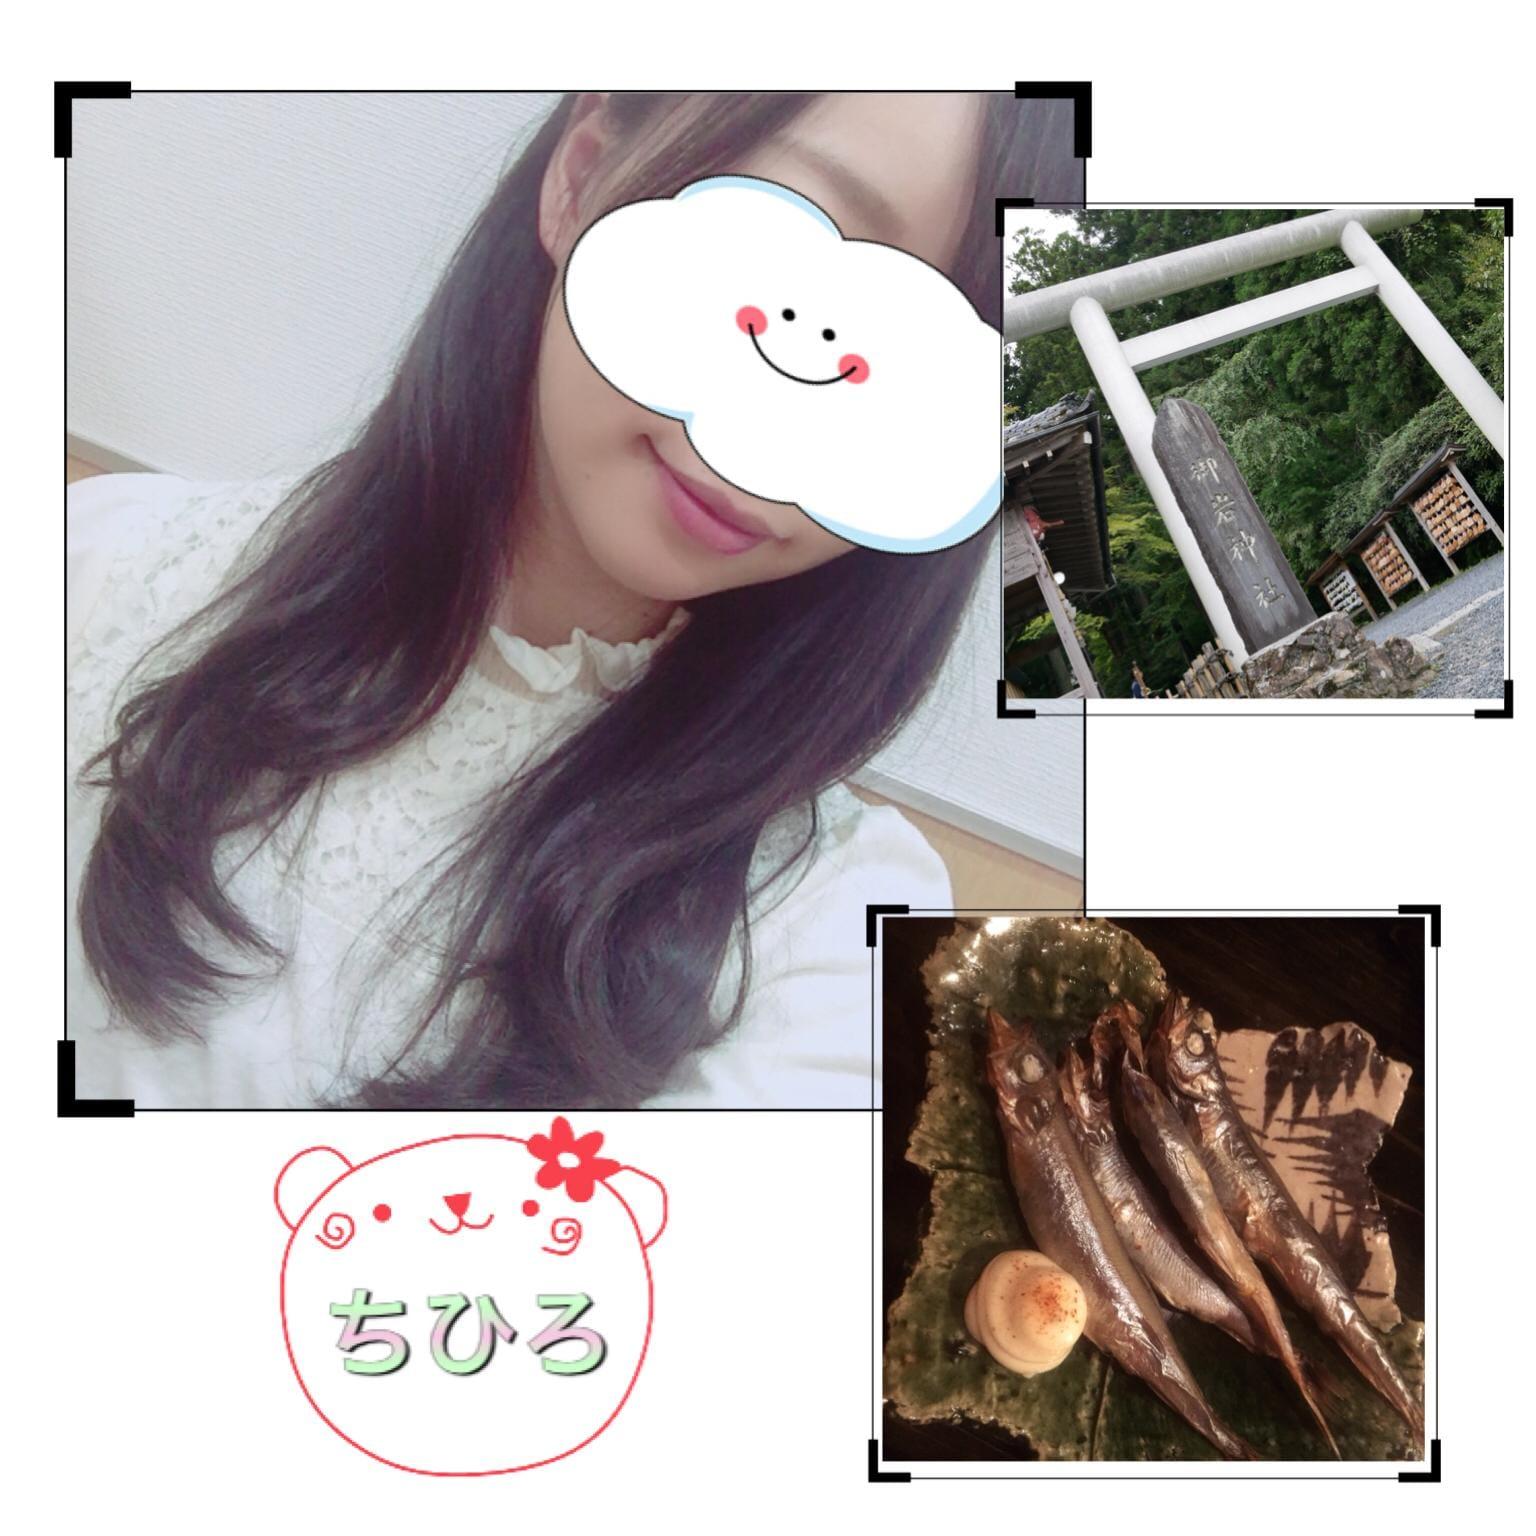 「(   ¯꒳¯ )」09/14(09/14) 10:55 | 早乙女 ちひろの写メ・風俗動画